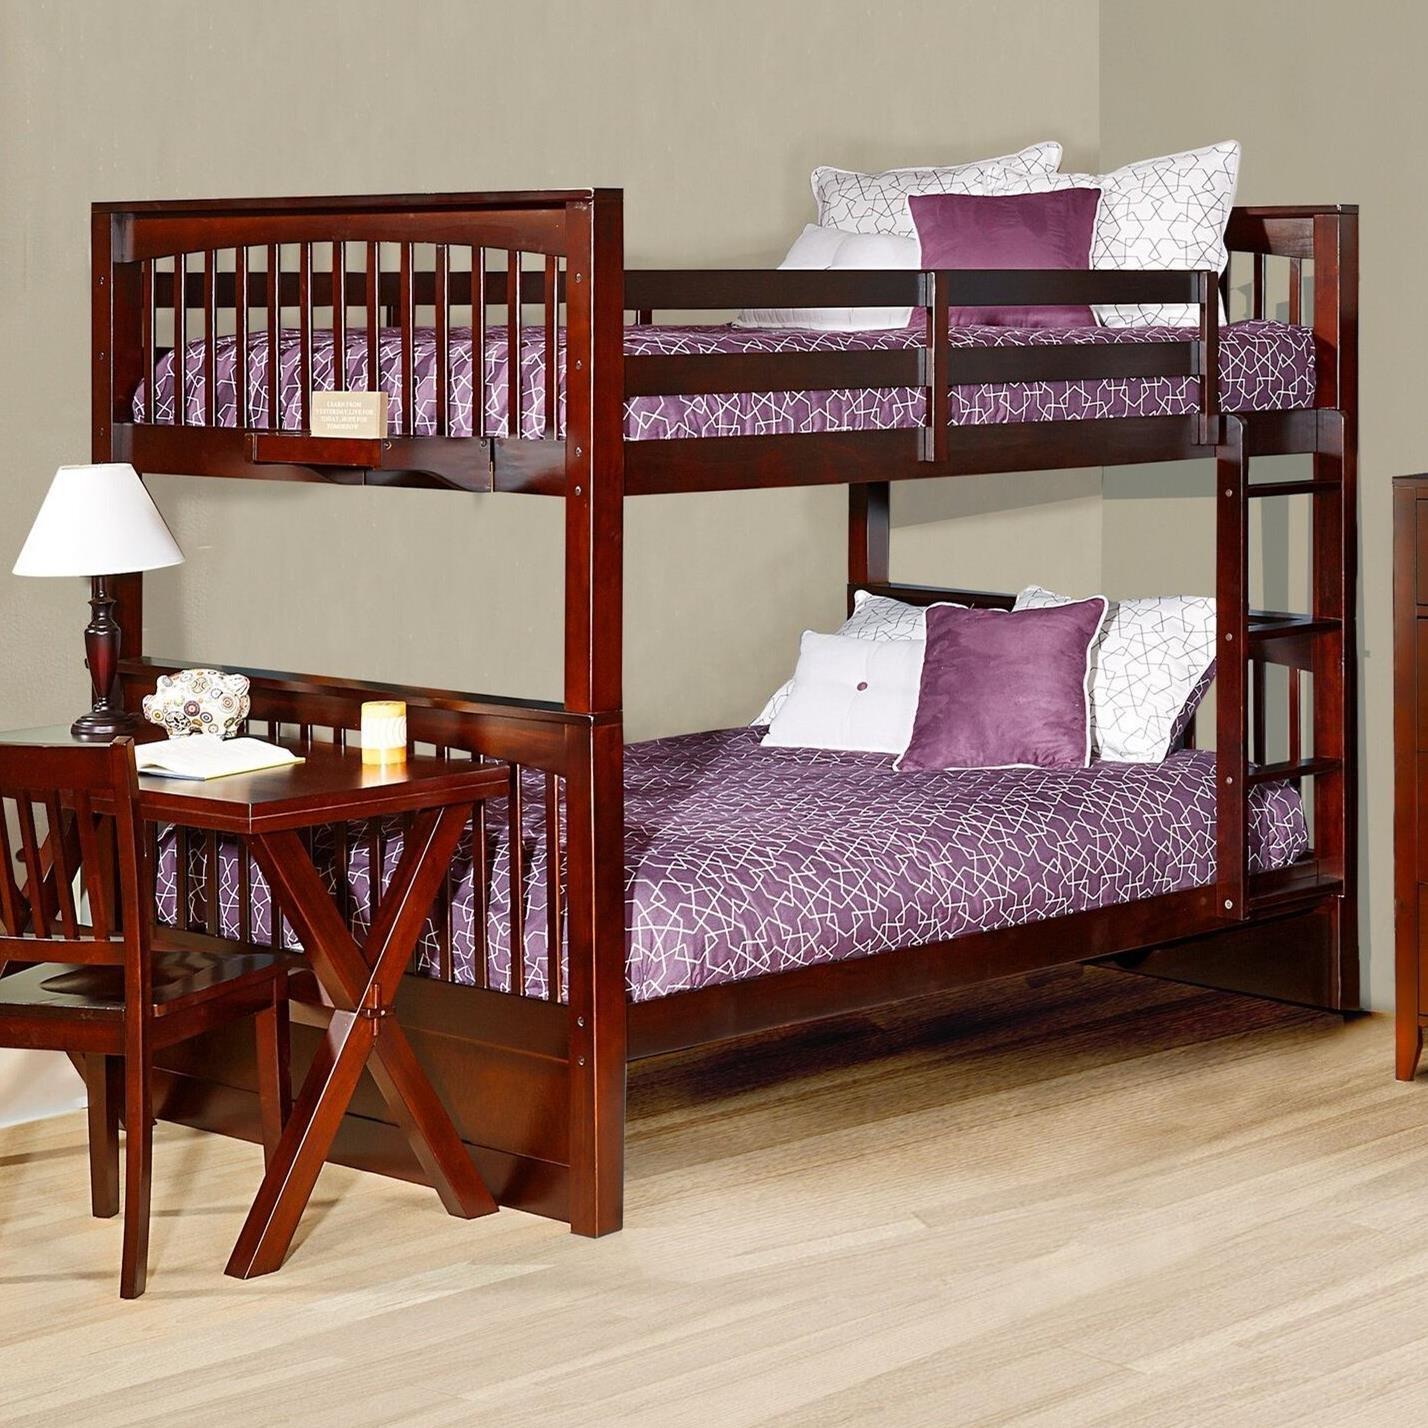 westrich furniture appliances